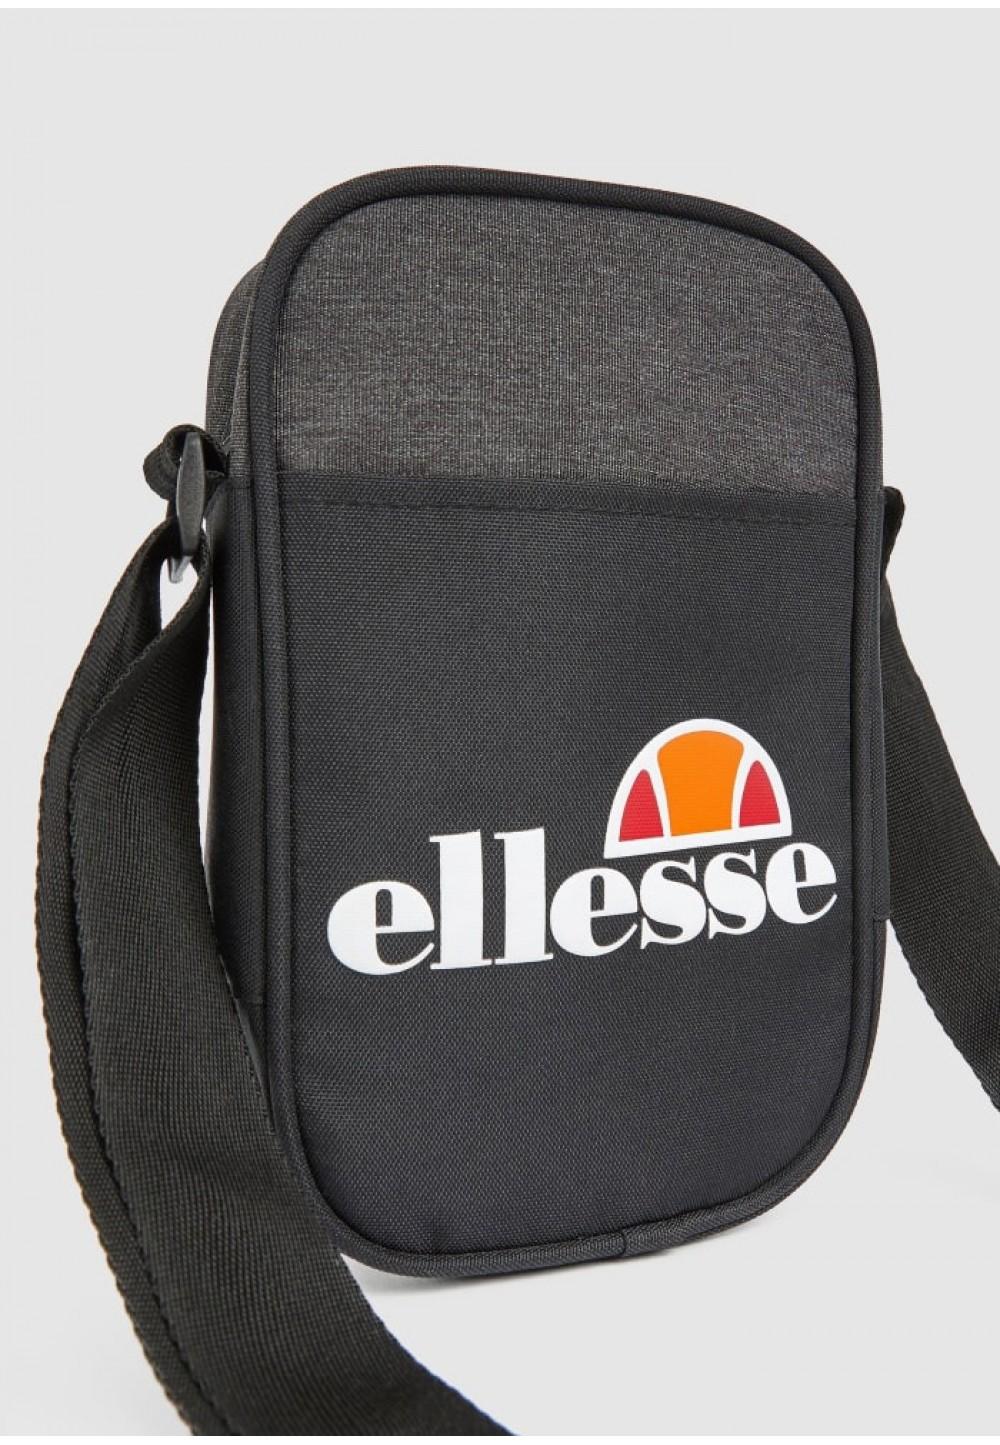 Черно-серая мужская сумка через плечо